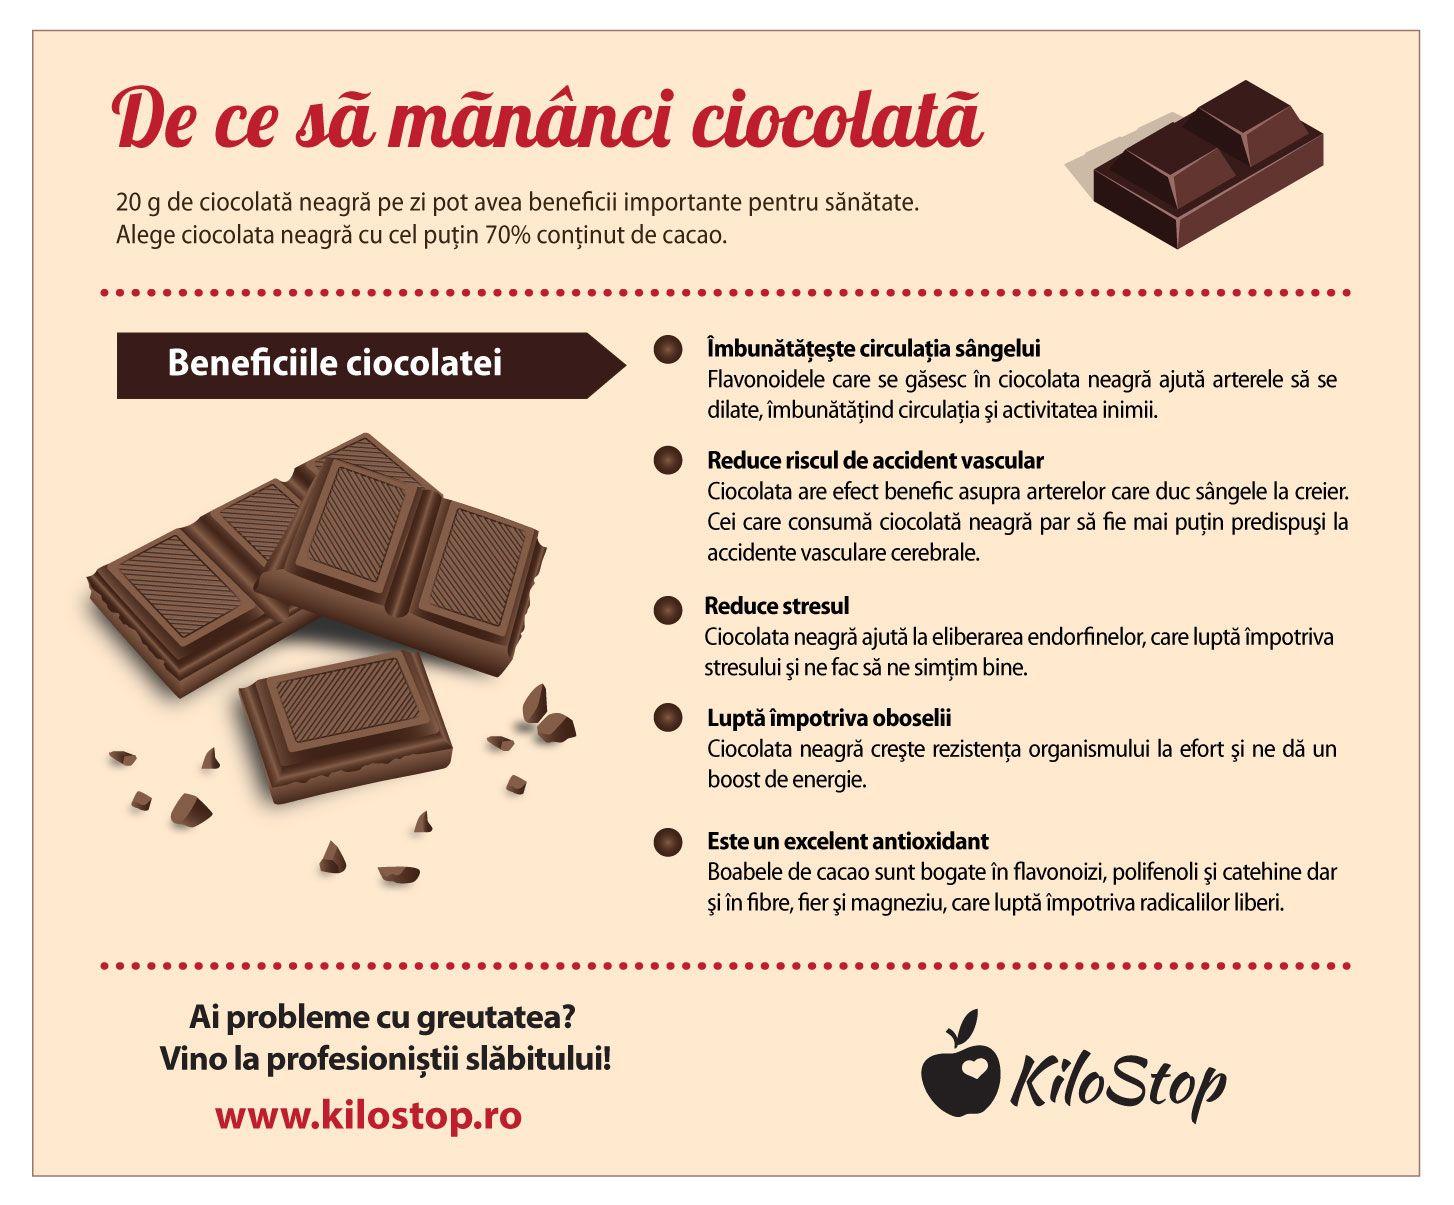 pierderi în greutate de cacao